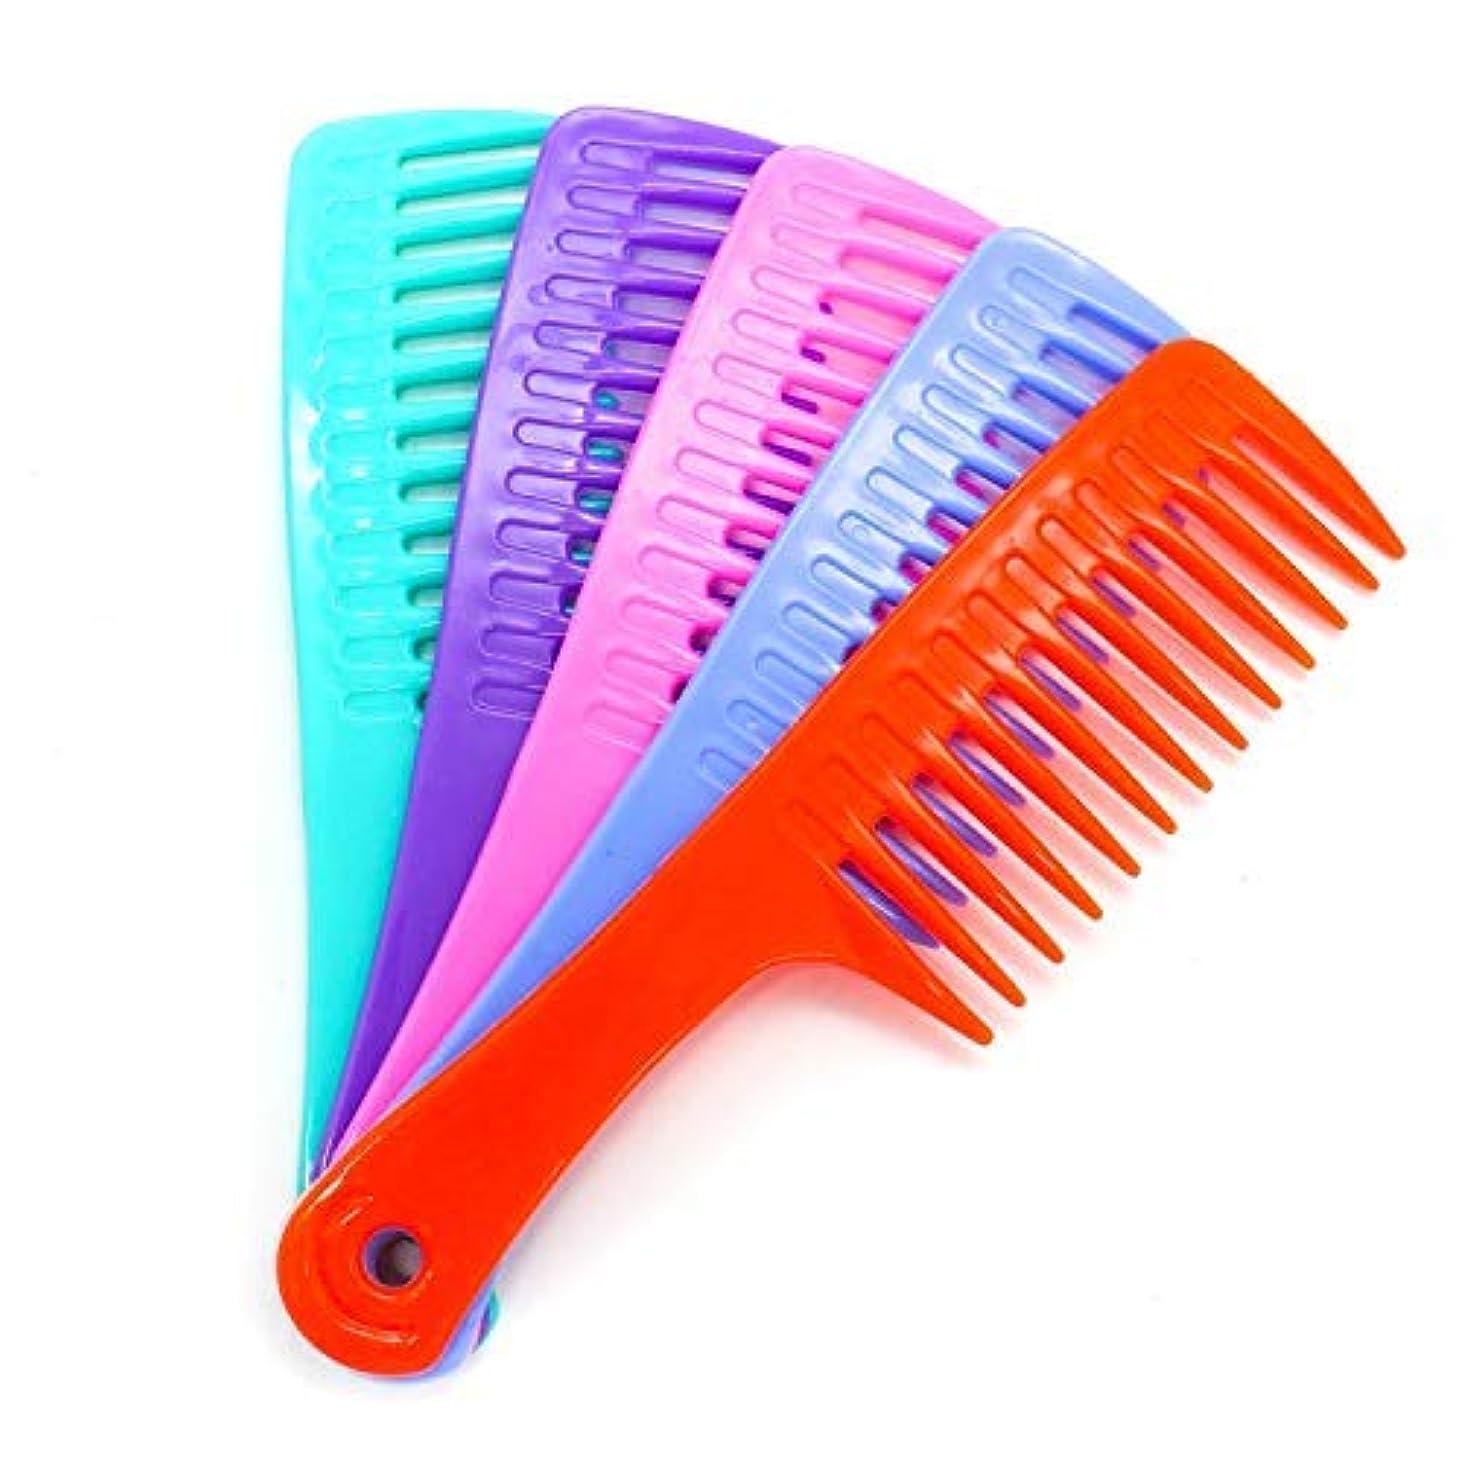 レポートを書く書く外出HUELE 5 Pack Colorful Wide Tooth Detangler Hair Brush Detangling Comb for Adults & Kids Handle Comb [並行輸入品]